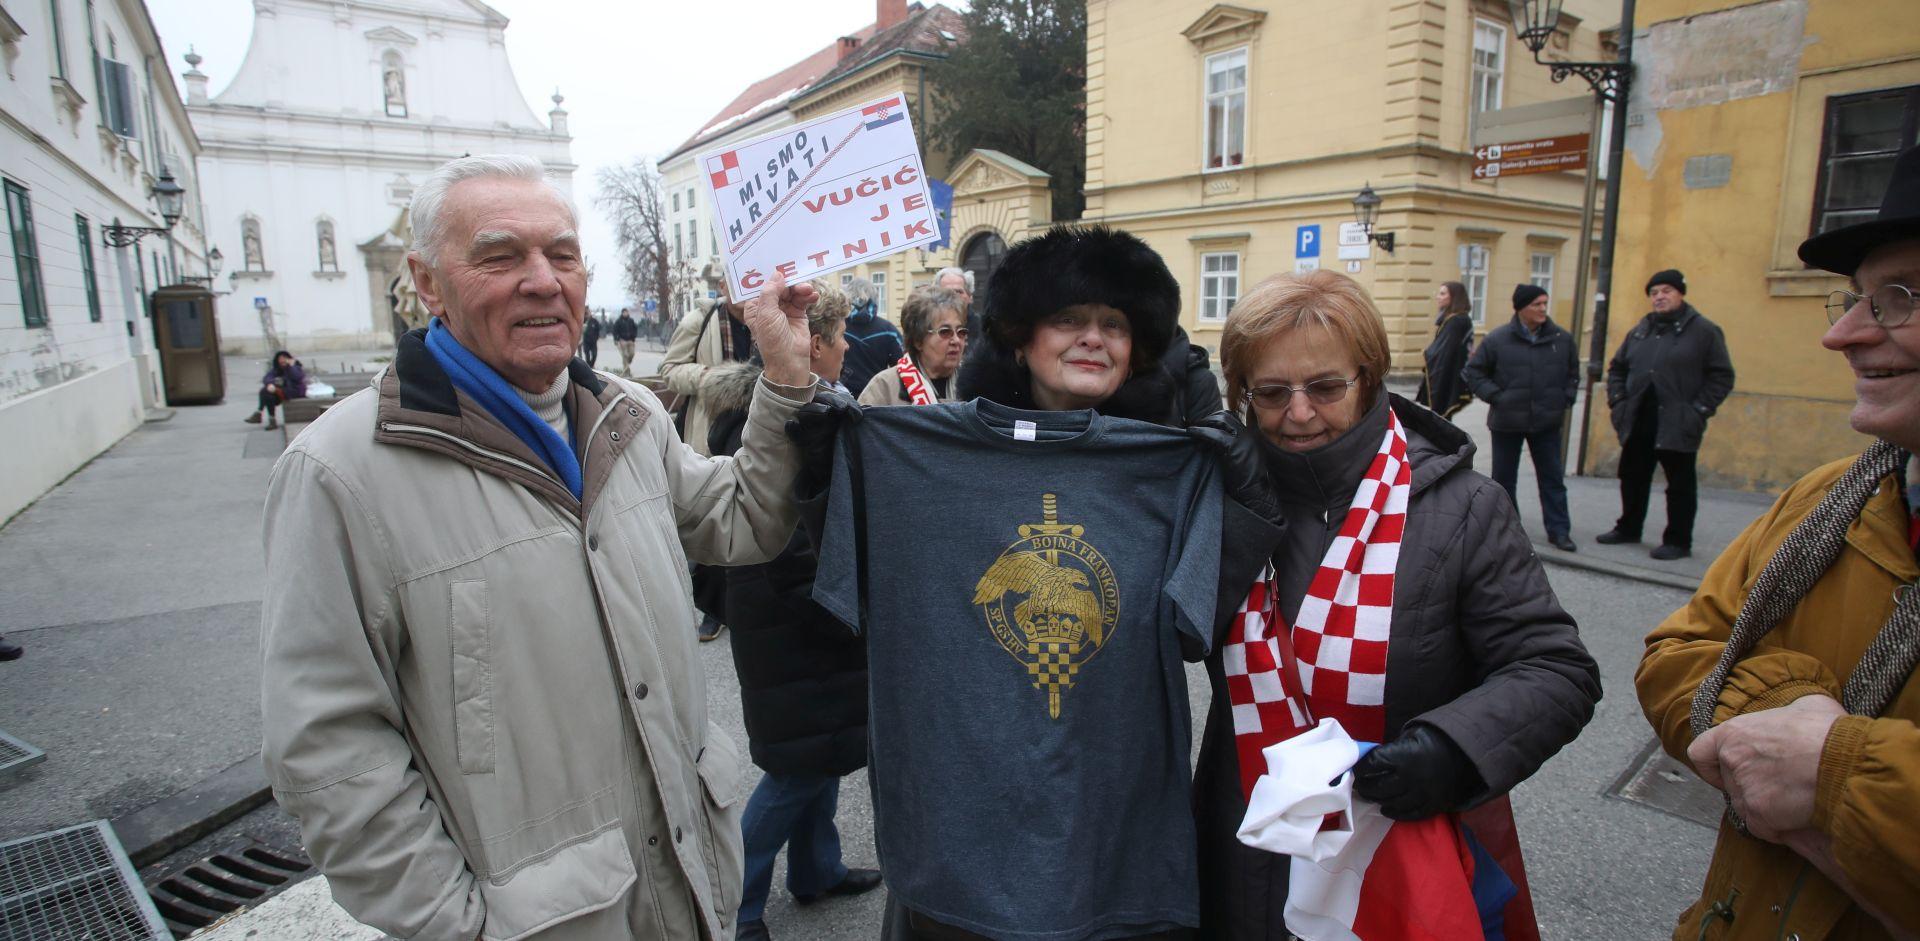 PROSVJED PROTIV VUČIĆA Okupljaju se udovice i veterani